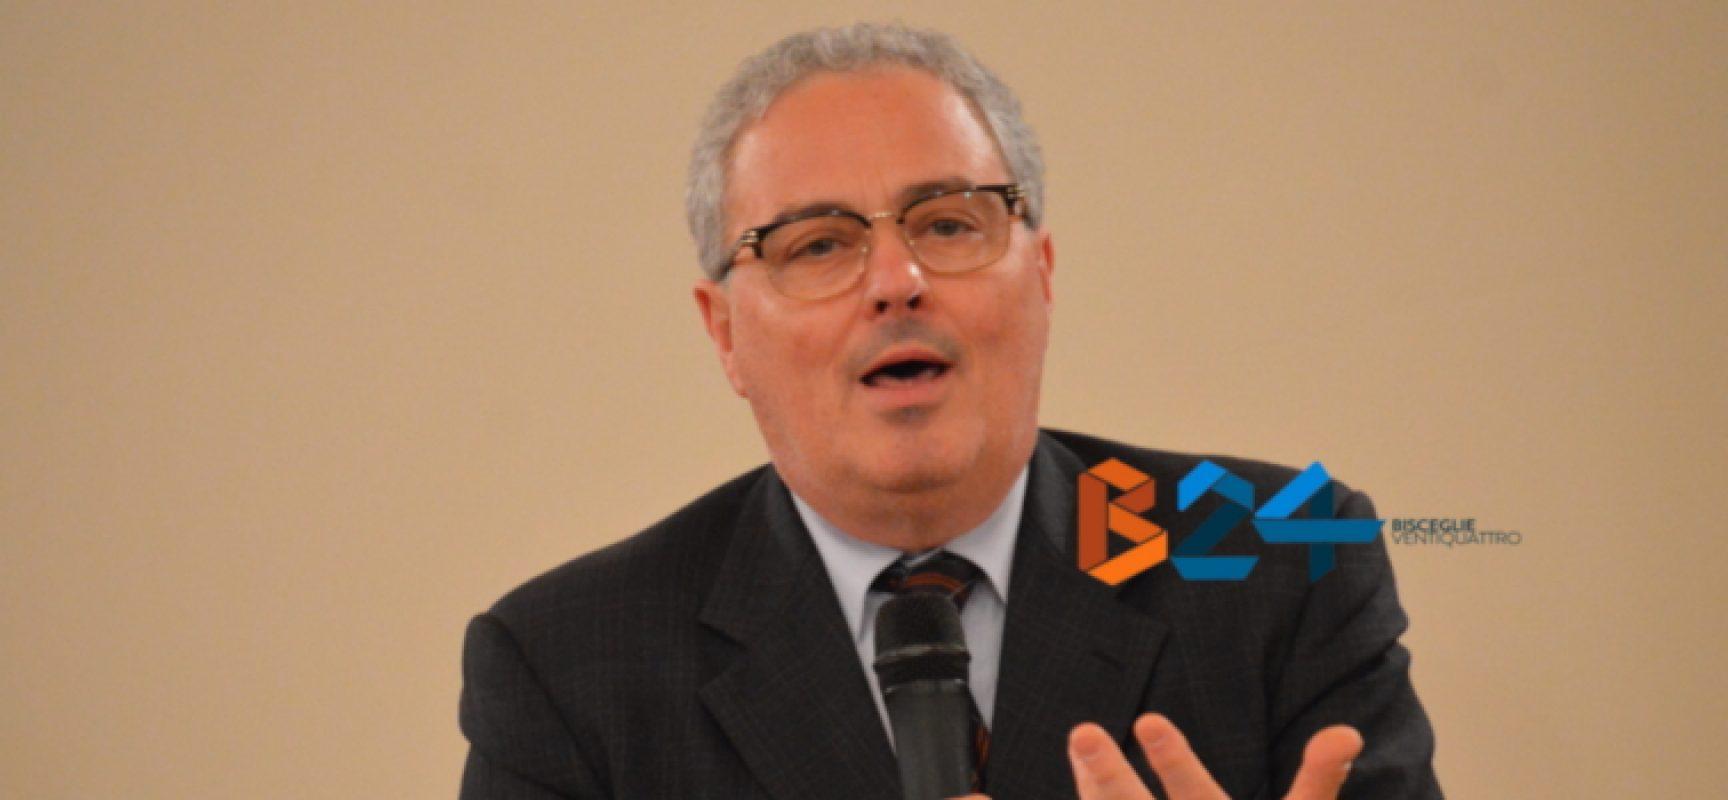 """Commercio, Napoletano: """"Amministrazione inadeguata e incapace di coinvolgere"""""""